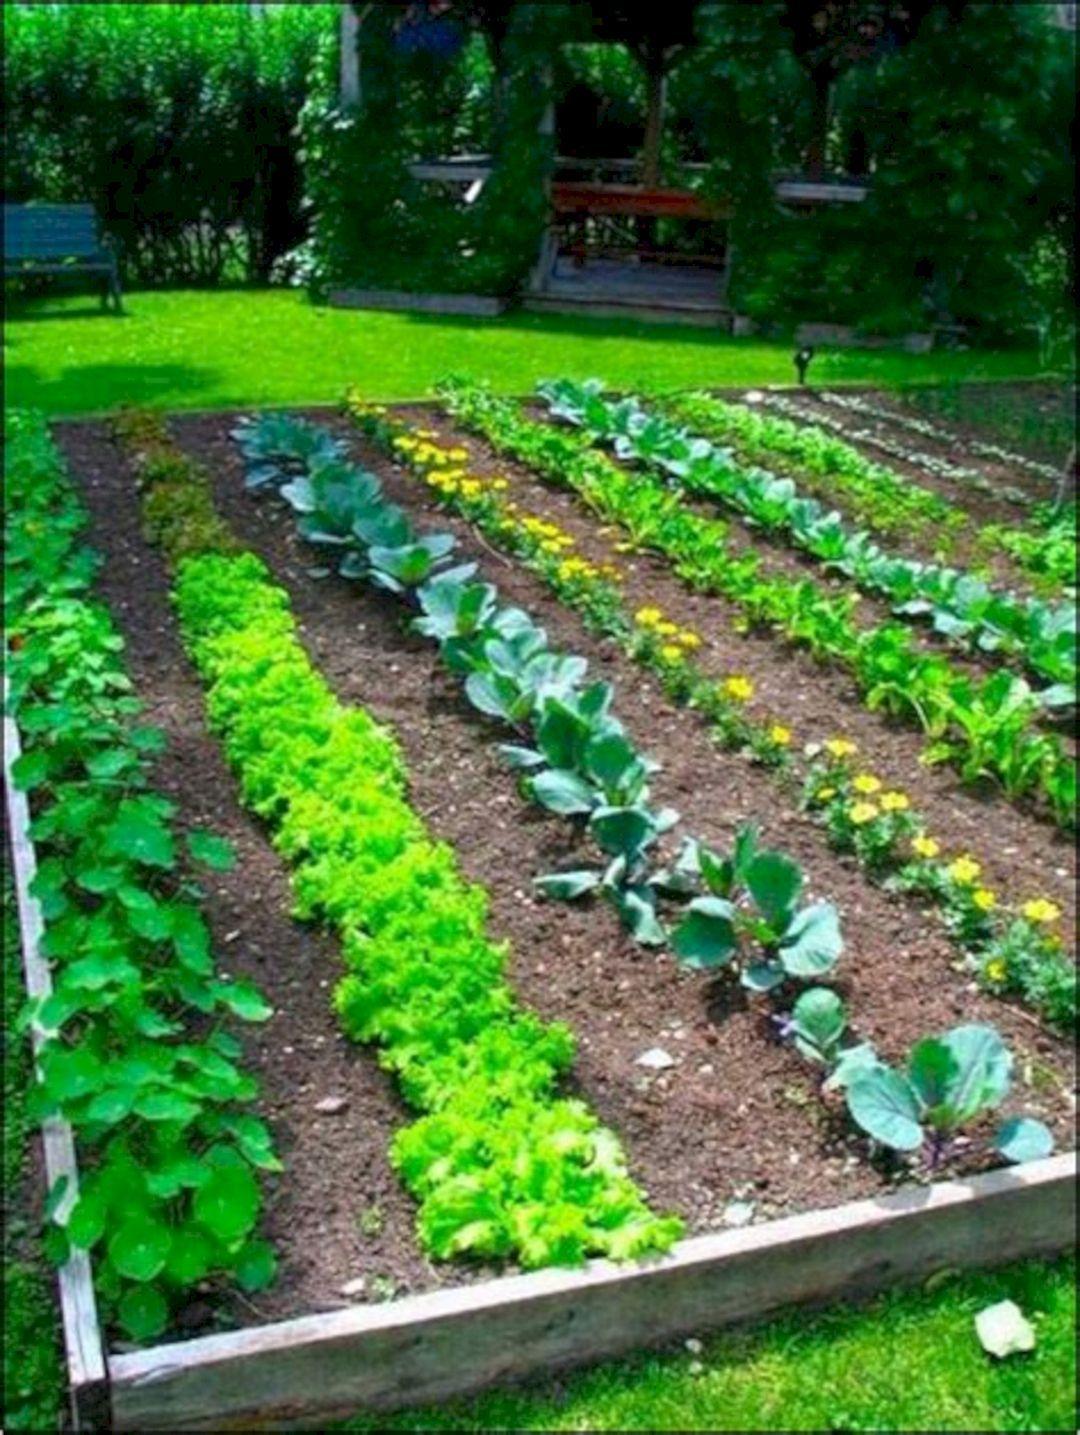 Gentil 25+ Easy Vegetable Garden Layout Ideas For Beginner